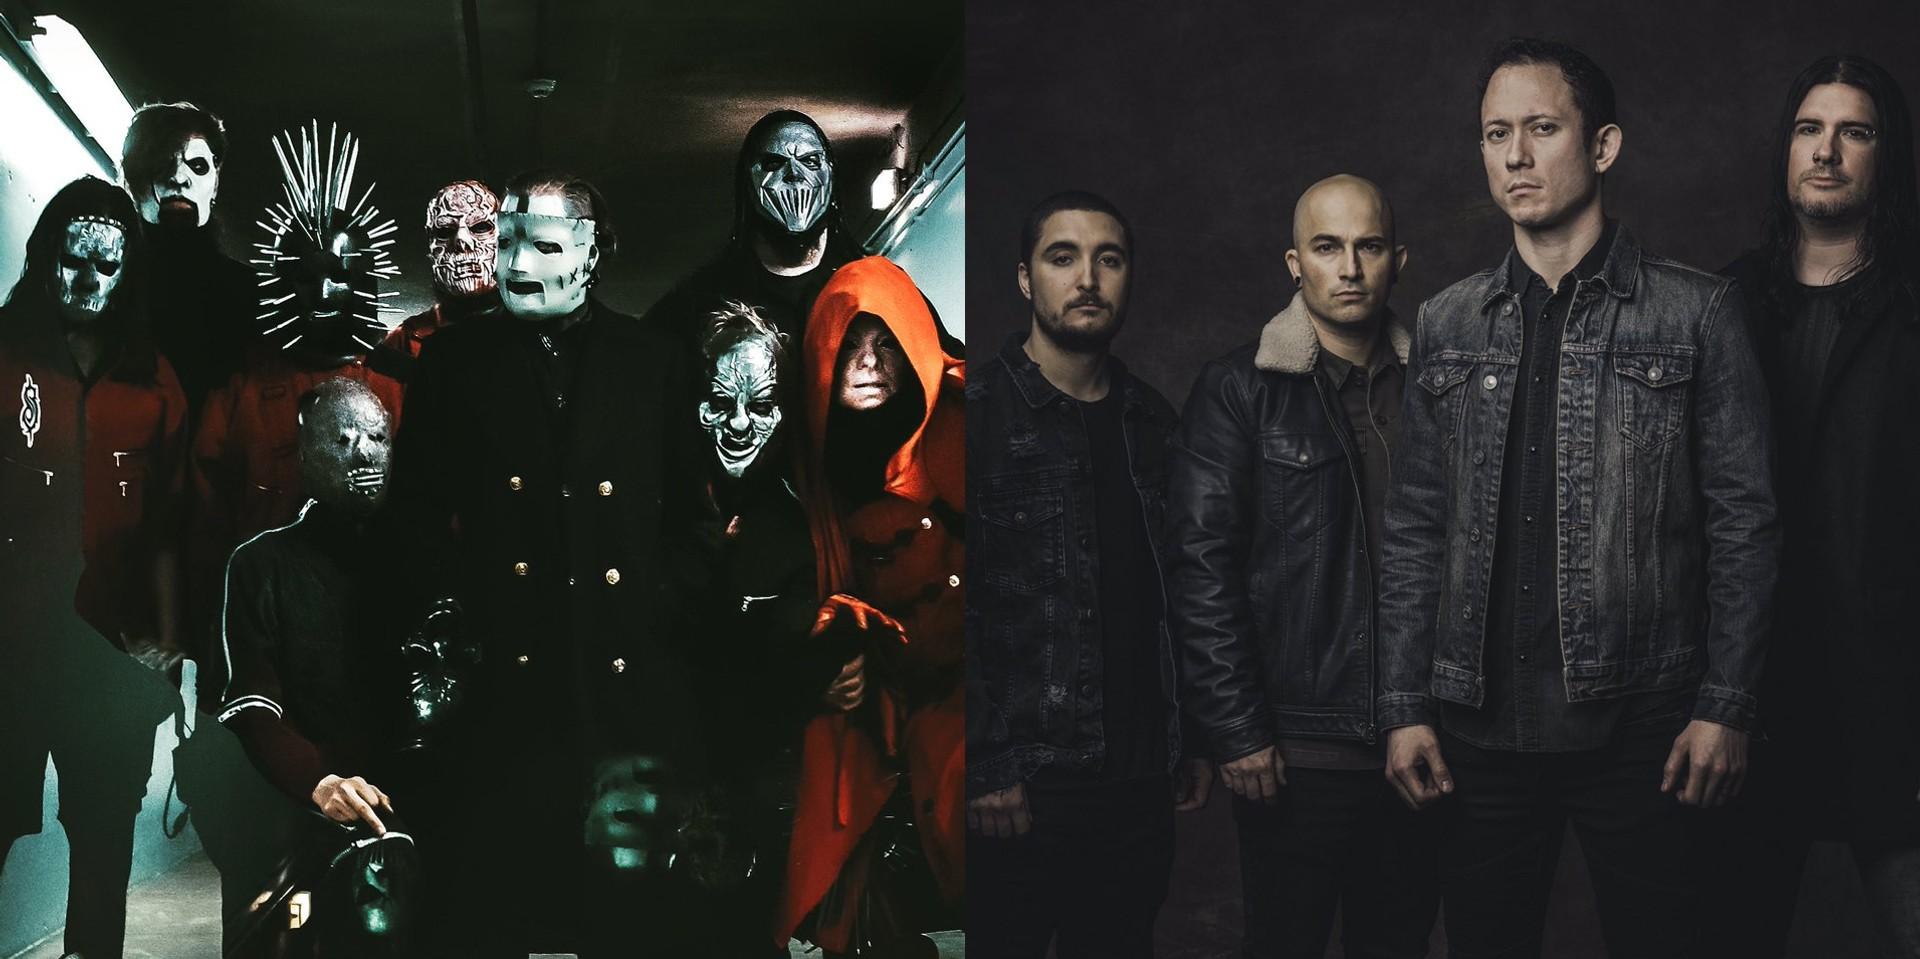 Singapore Rockfest postpone 2021 show featuring Slipknot and Trivium